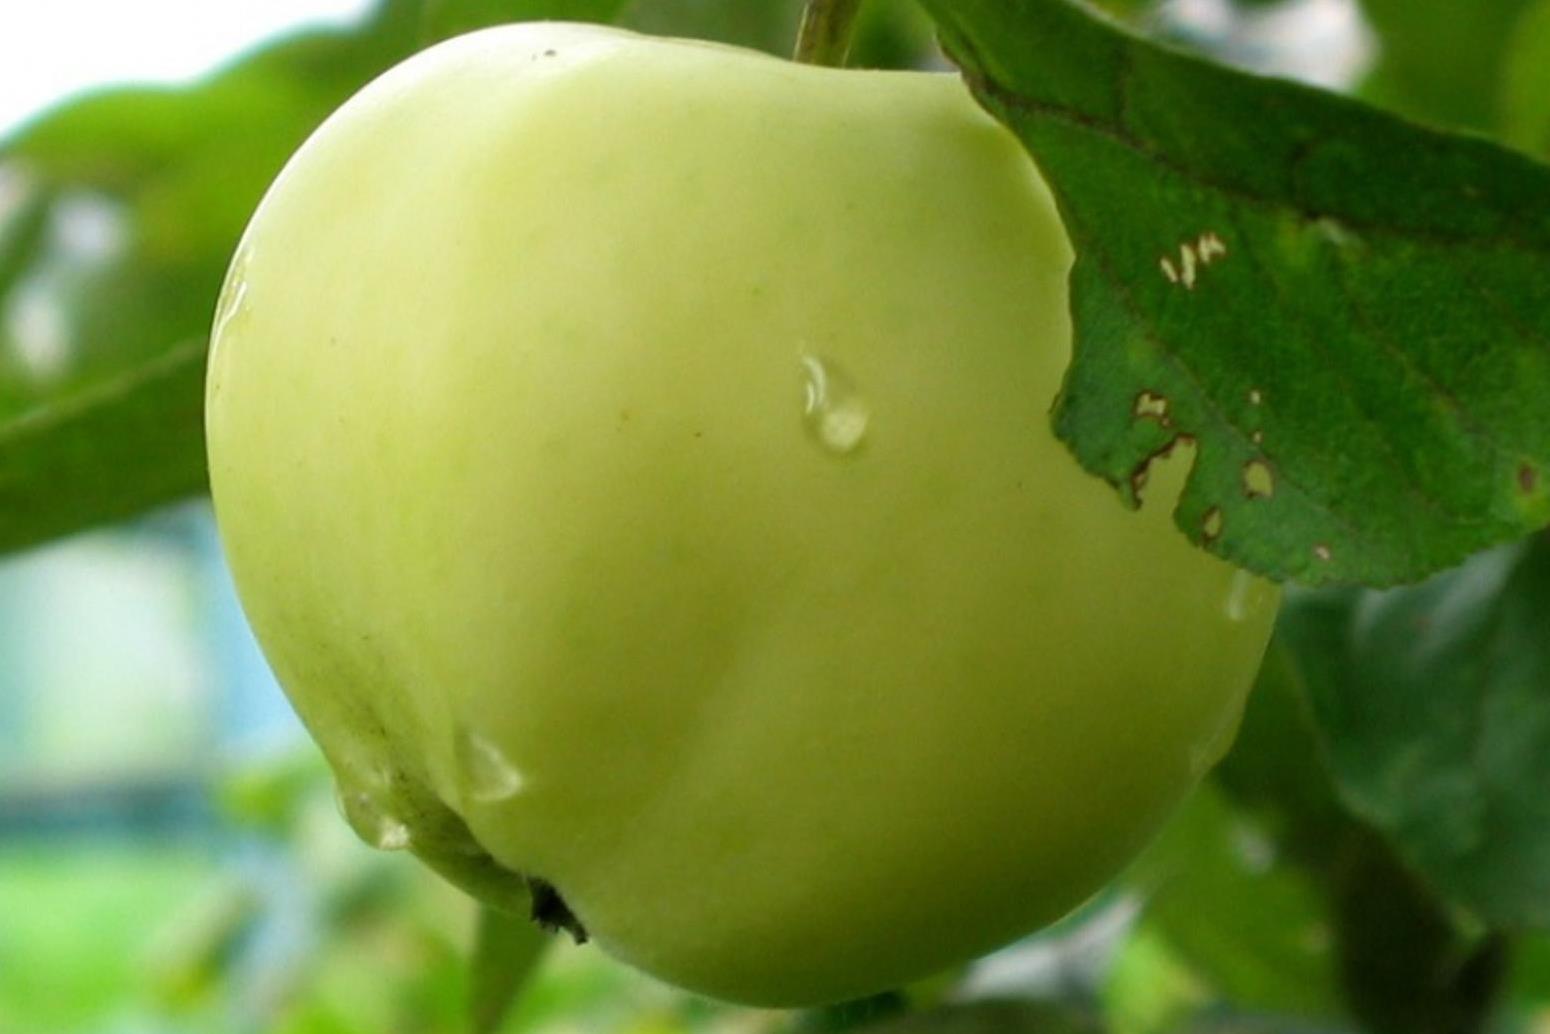 Картинки по запросу Периодичность плодоношения яблони